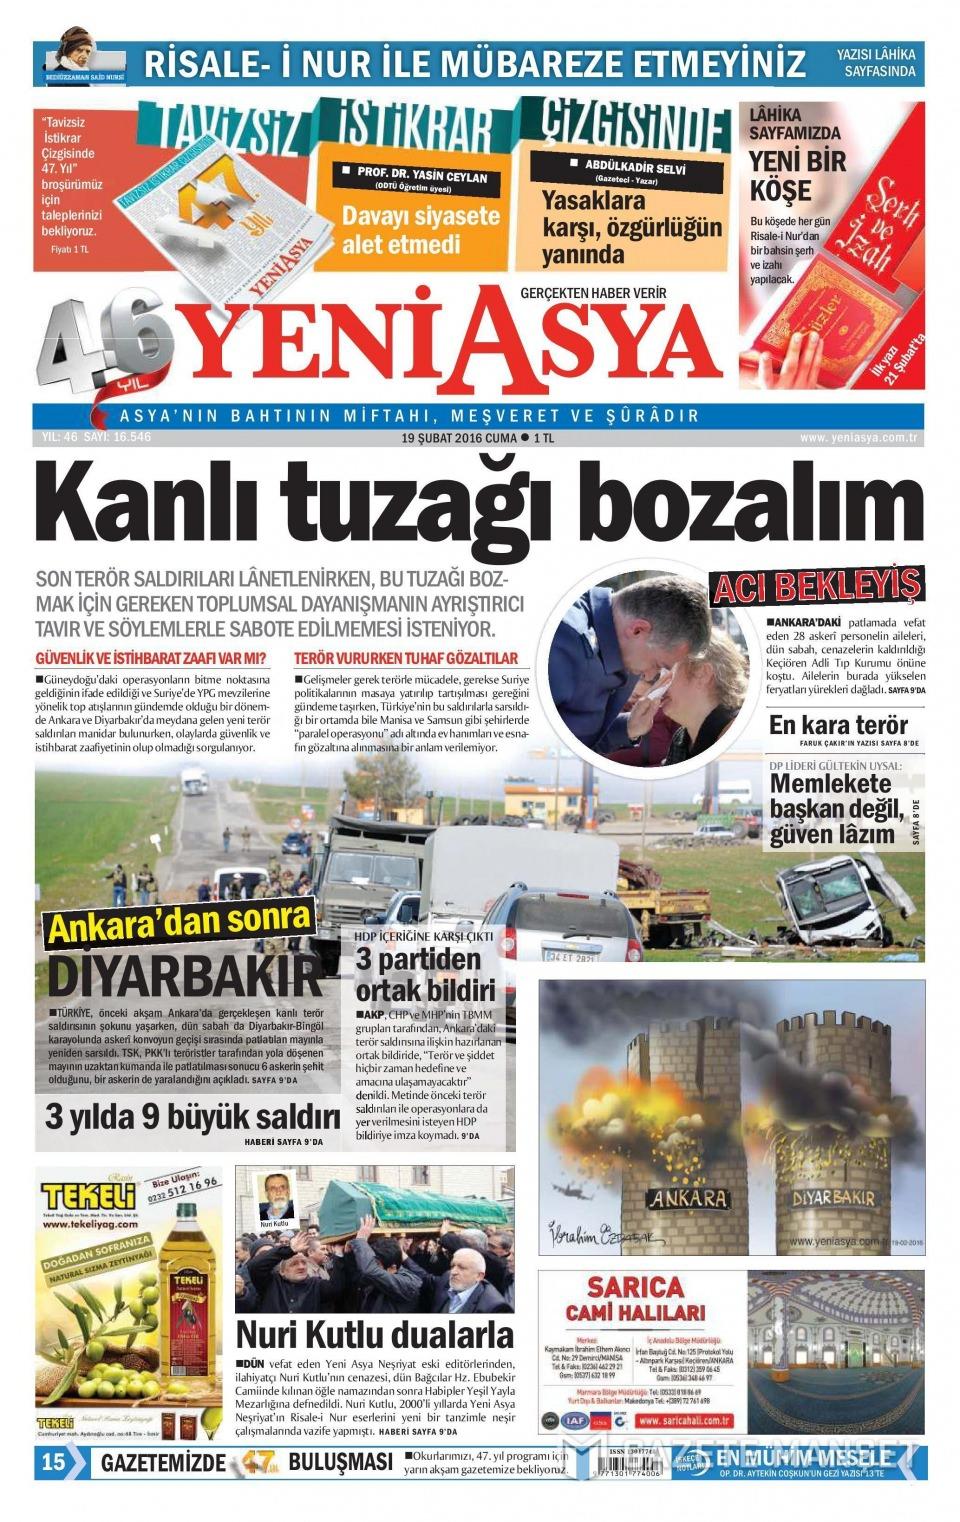 19 Şubat 2016 Günü gazete manşetleri galerisi resim 20